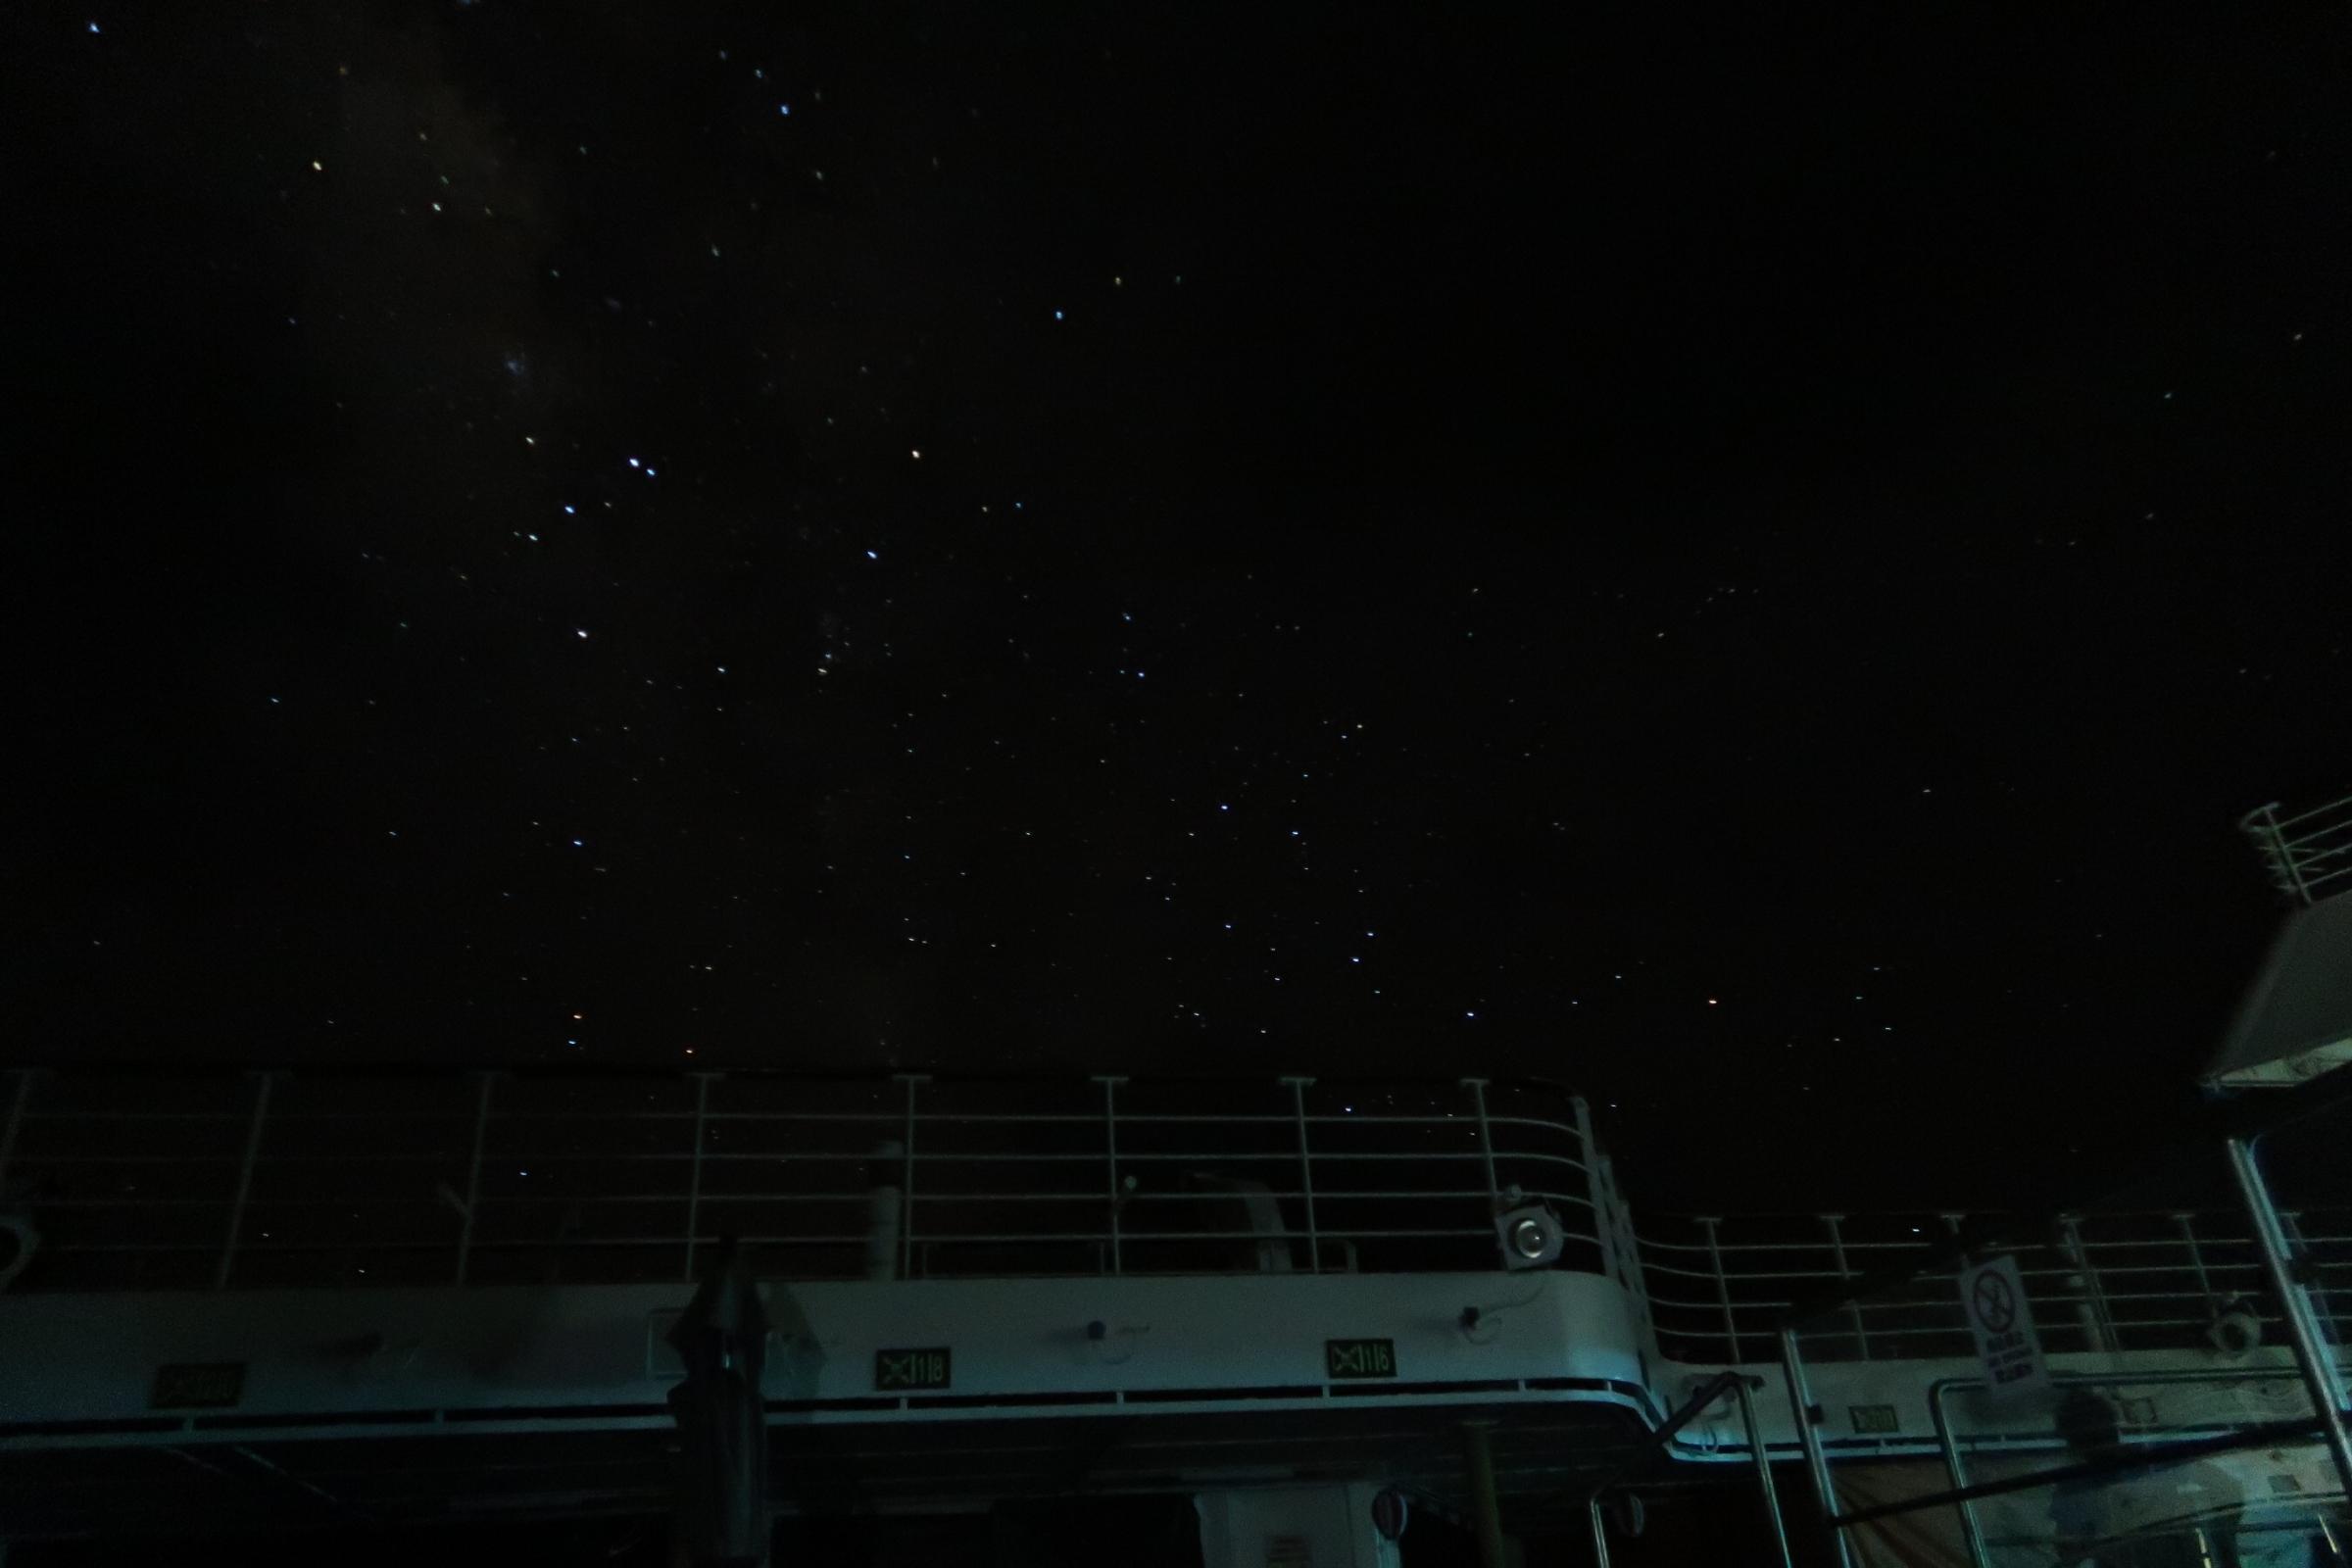 海賊 警戒海域の星空③